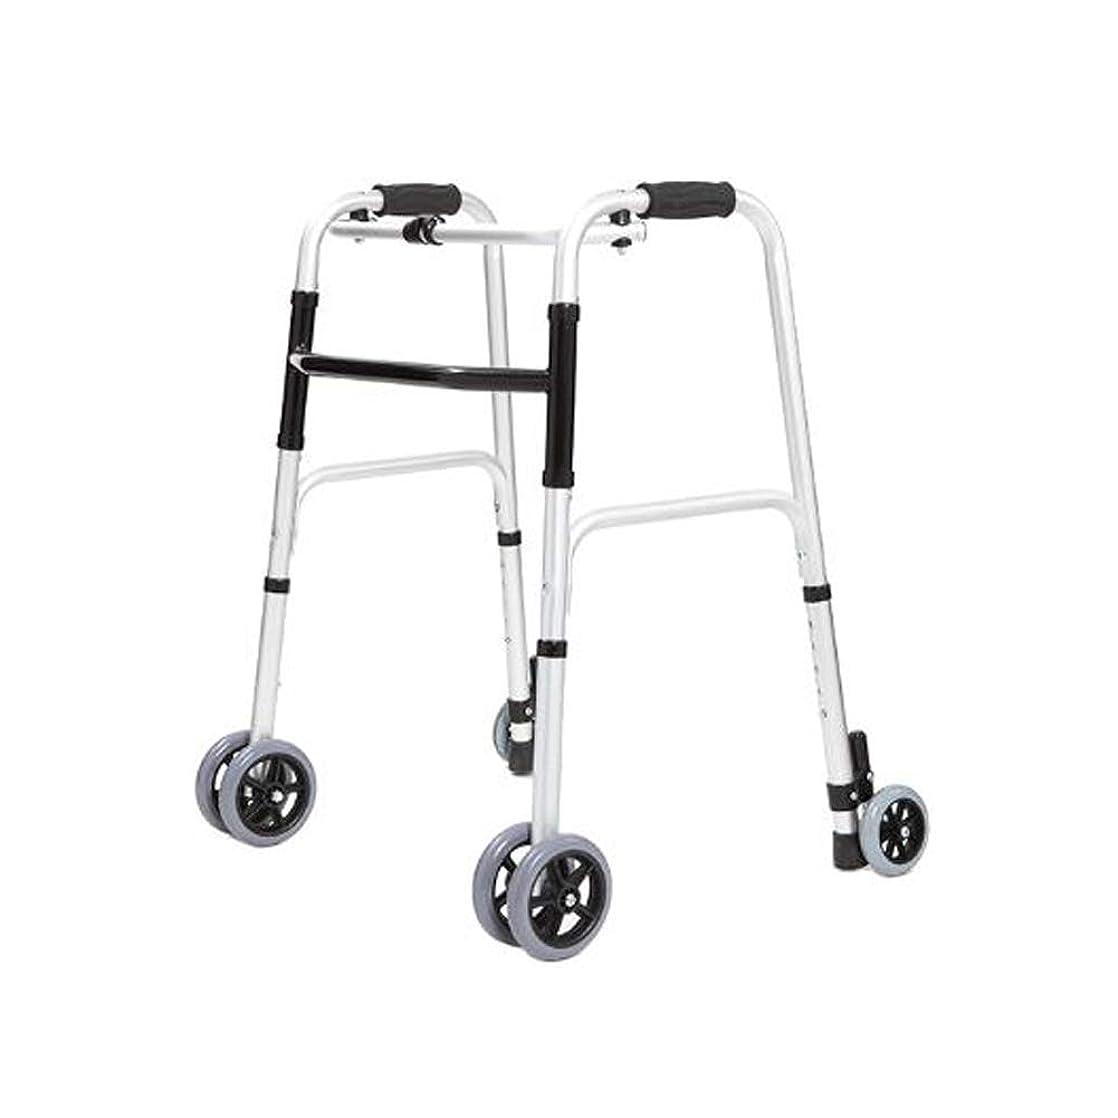 司令官眠るスタッフ[ラオンアチ] 大人のための歩行器 折りたたみ 車輪型歩行器 6輪歩行車 5段の高さ調節可能 [日本語説明書付き] [海外直送品]